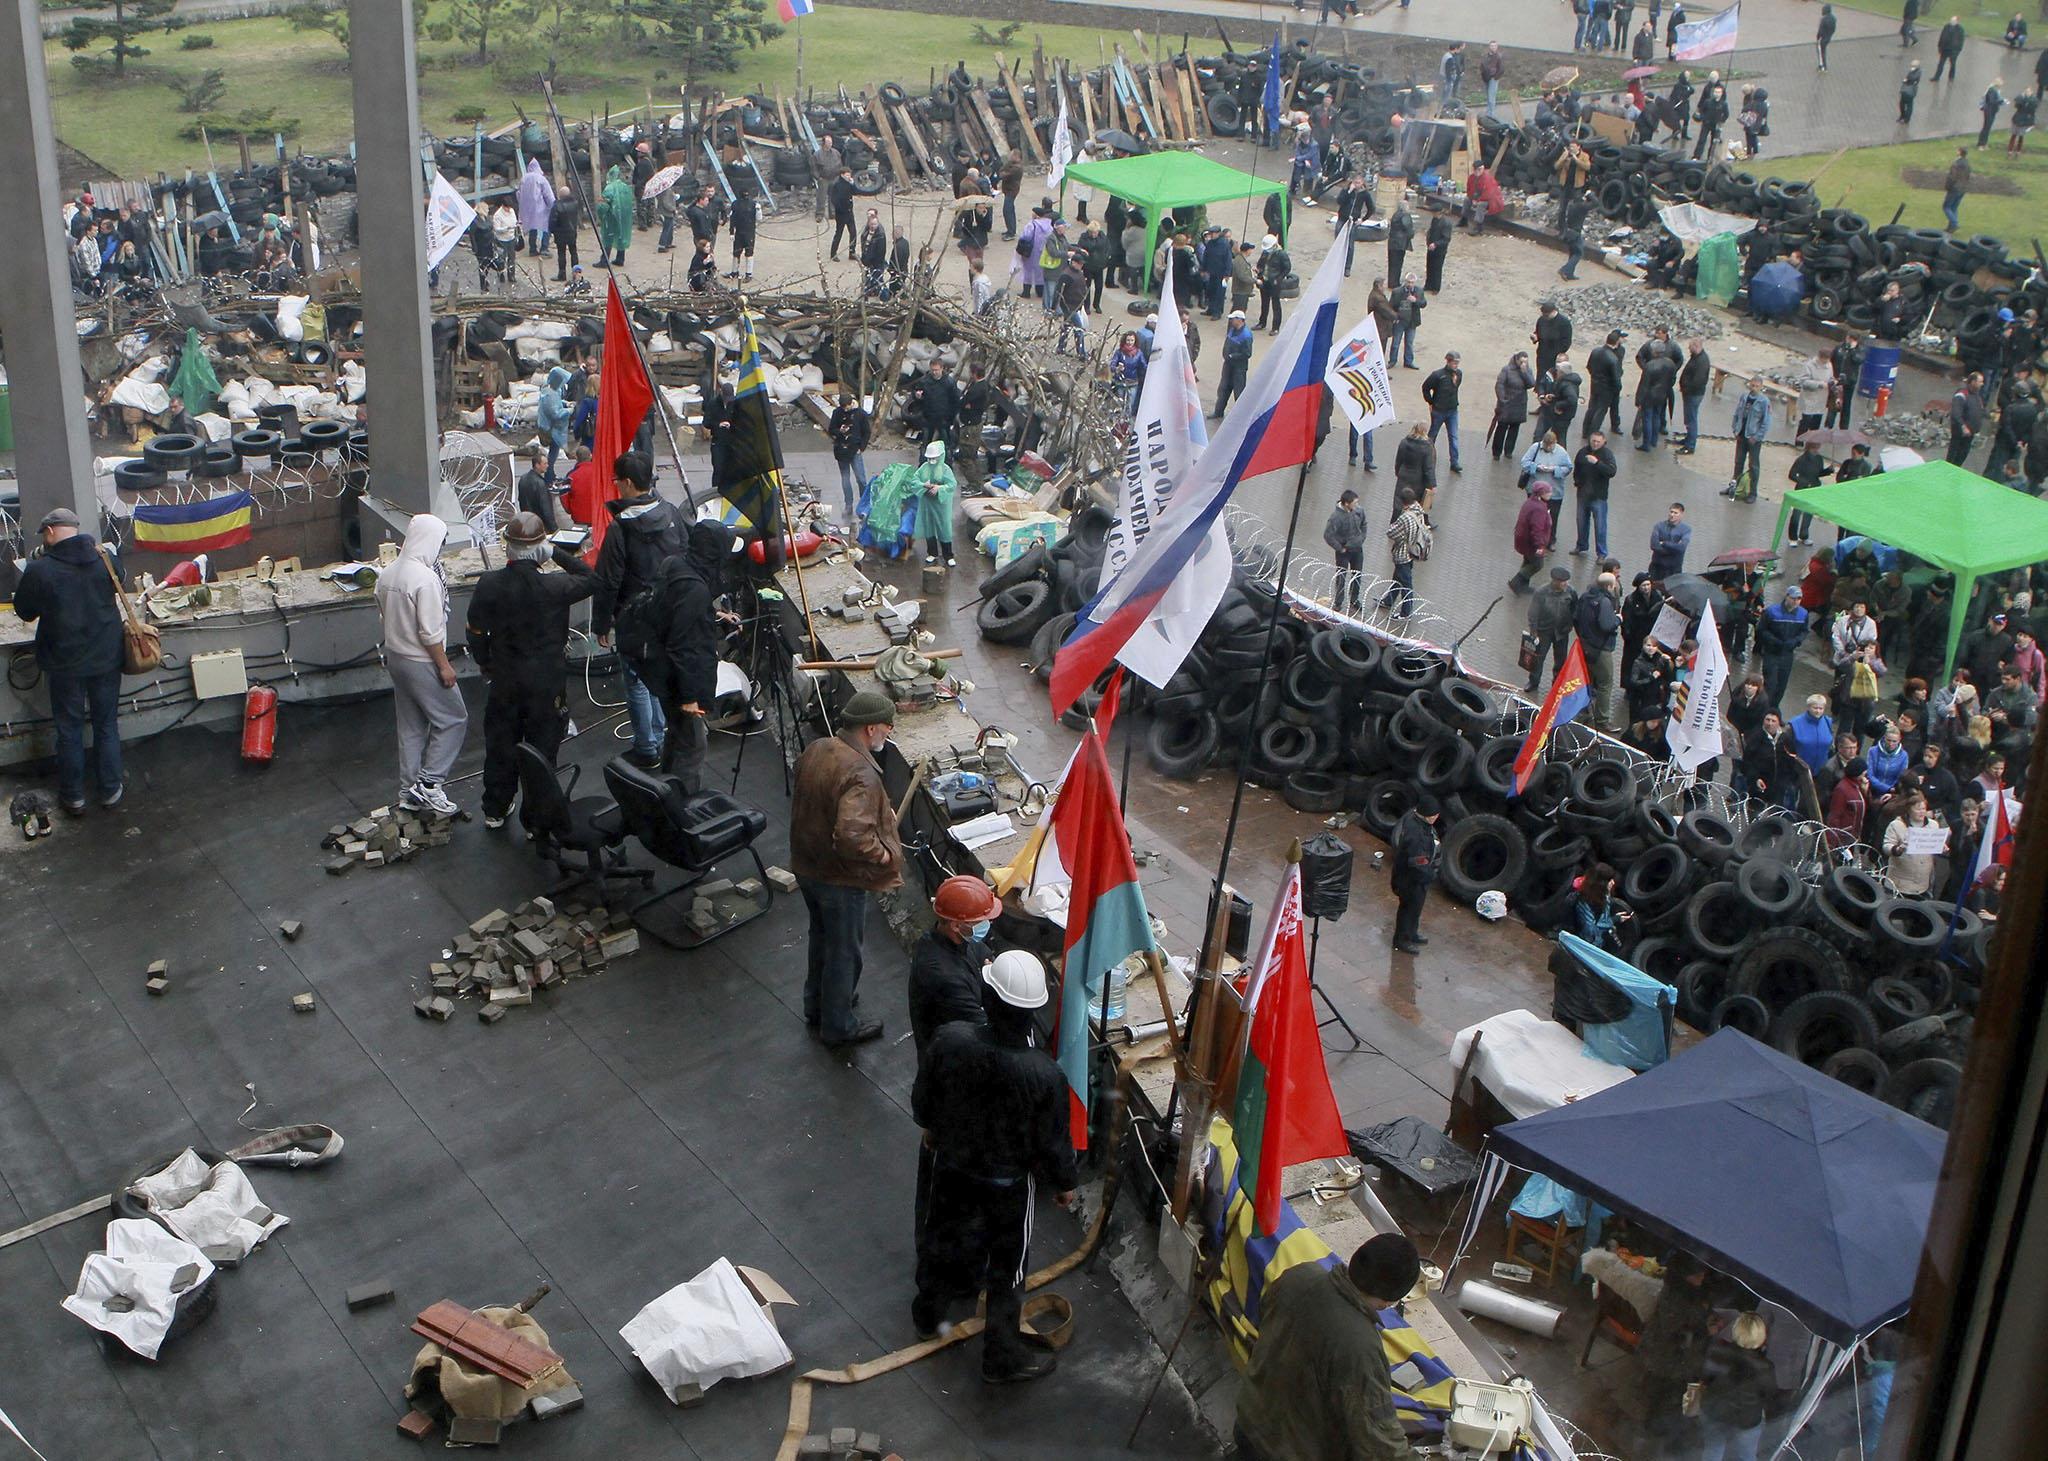 DO04. DONETSK (UCRANIA), 10/04/2014.- Manifestantes prorrusos protestan frente al edificio ocupado de la sede gubernamental de Donetsk, Ucrania, el 10 de abril del 2014. Las regiones de Donetsk y Lugansk, en el sureste industrial de Ucrania, se mantienen firmes en su pulso con las autoridades de Kiev a pesar de las amenazas del Gobierno central, que prometió liberar, incluso por la fuerza, las sedes administrativas ocupadas por los habitantes prorrusos. EFE/Photomig